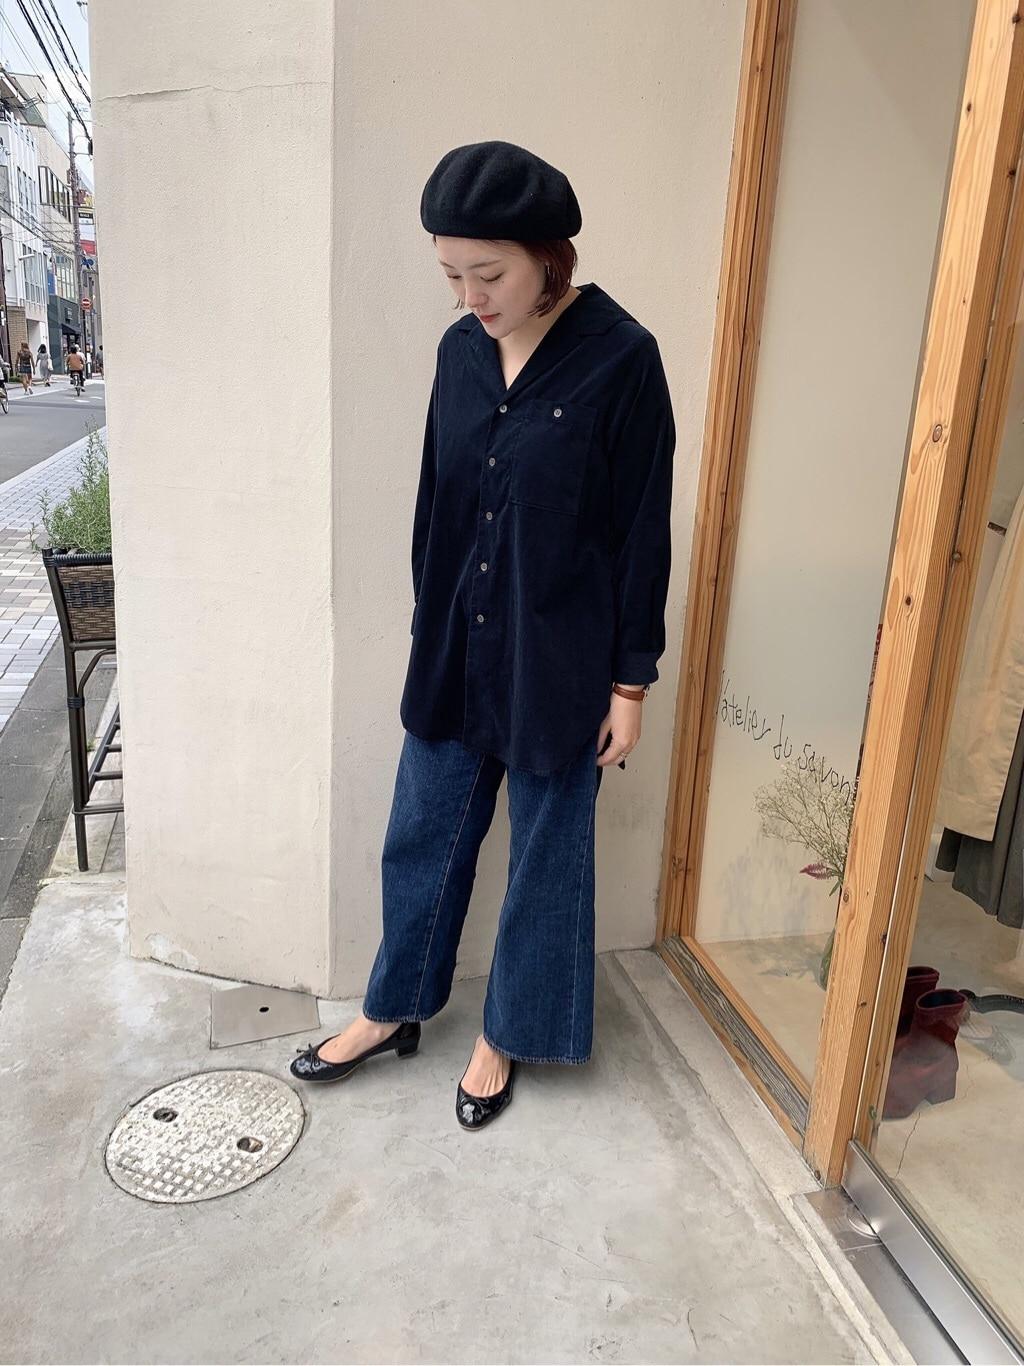 l'atelier du savon 京都路面 身長:166cm 2019.09.18